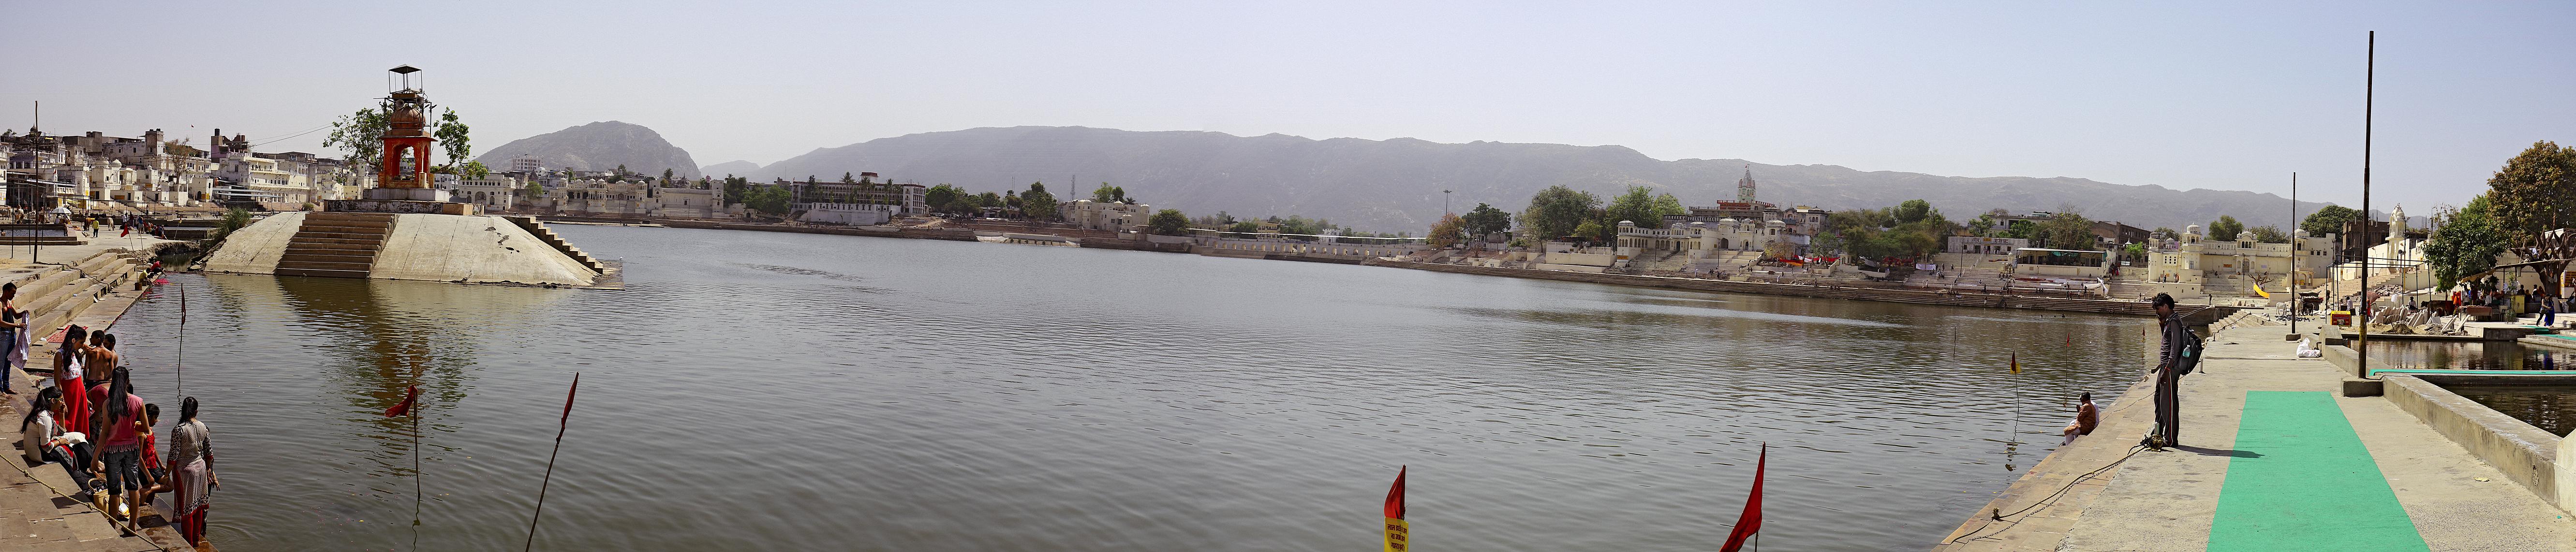 Панорама_озеро